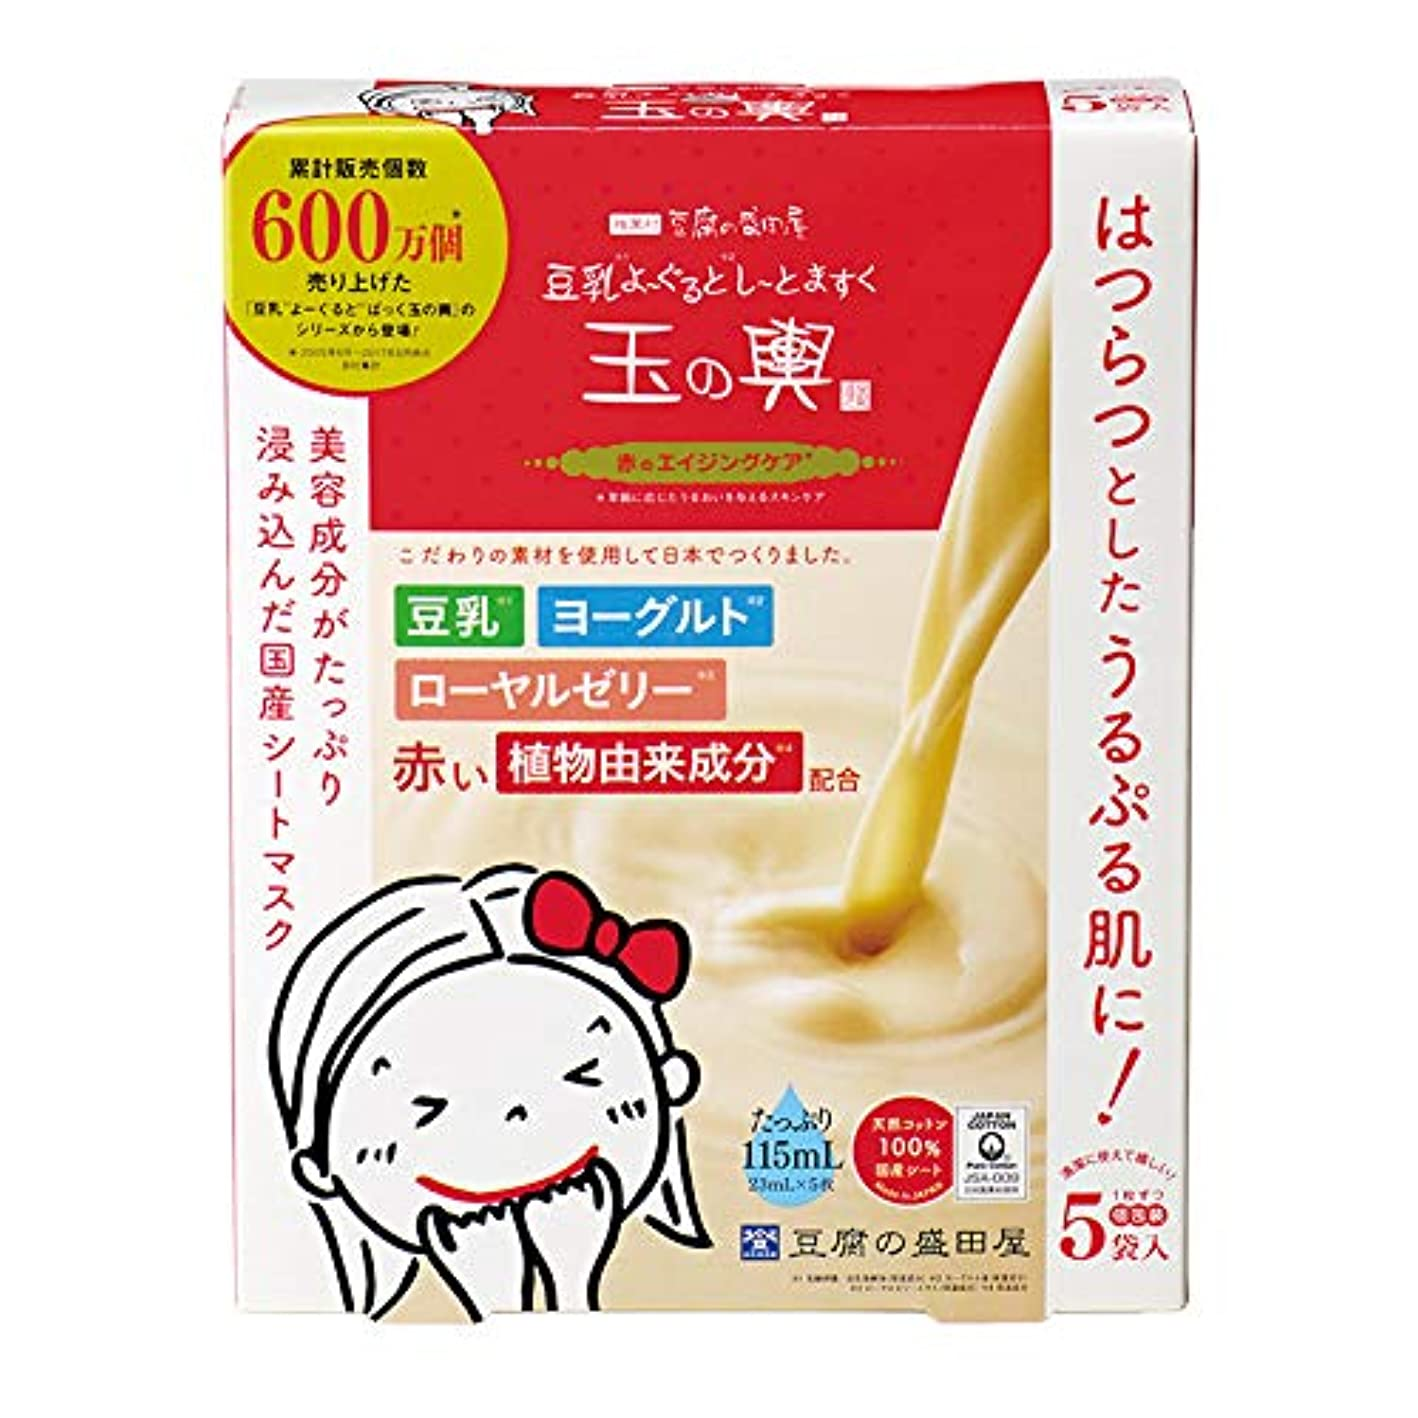 大惨事眠り人工的な豆腐の盛田屋 豆乳よーぐるとしーとますく 玉の輿〈赤のエイジングケア〉23mL×5枚